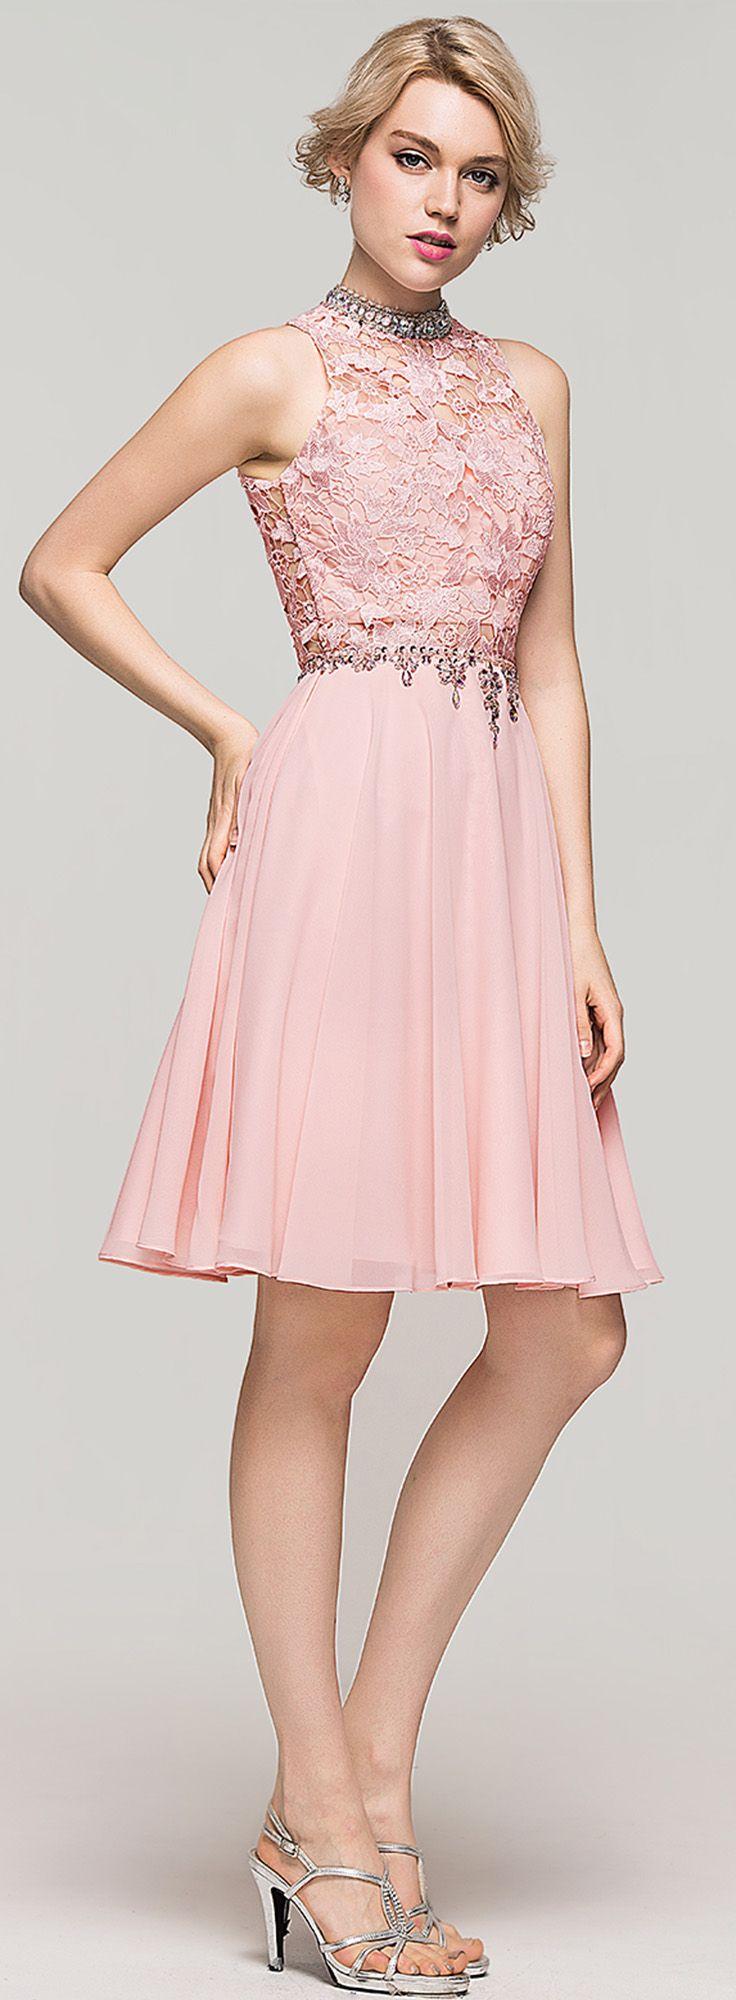 Dress. | Party Gowns | Pinterest | Vestiditos, Vestidos de fiesta y ...